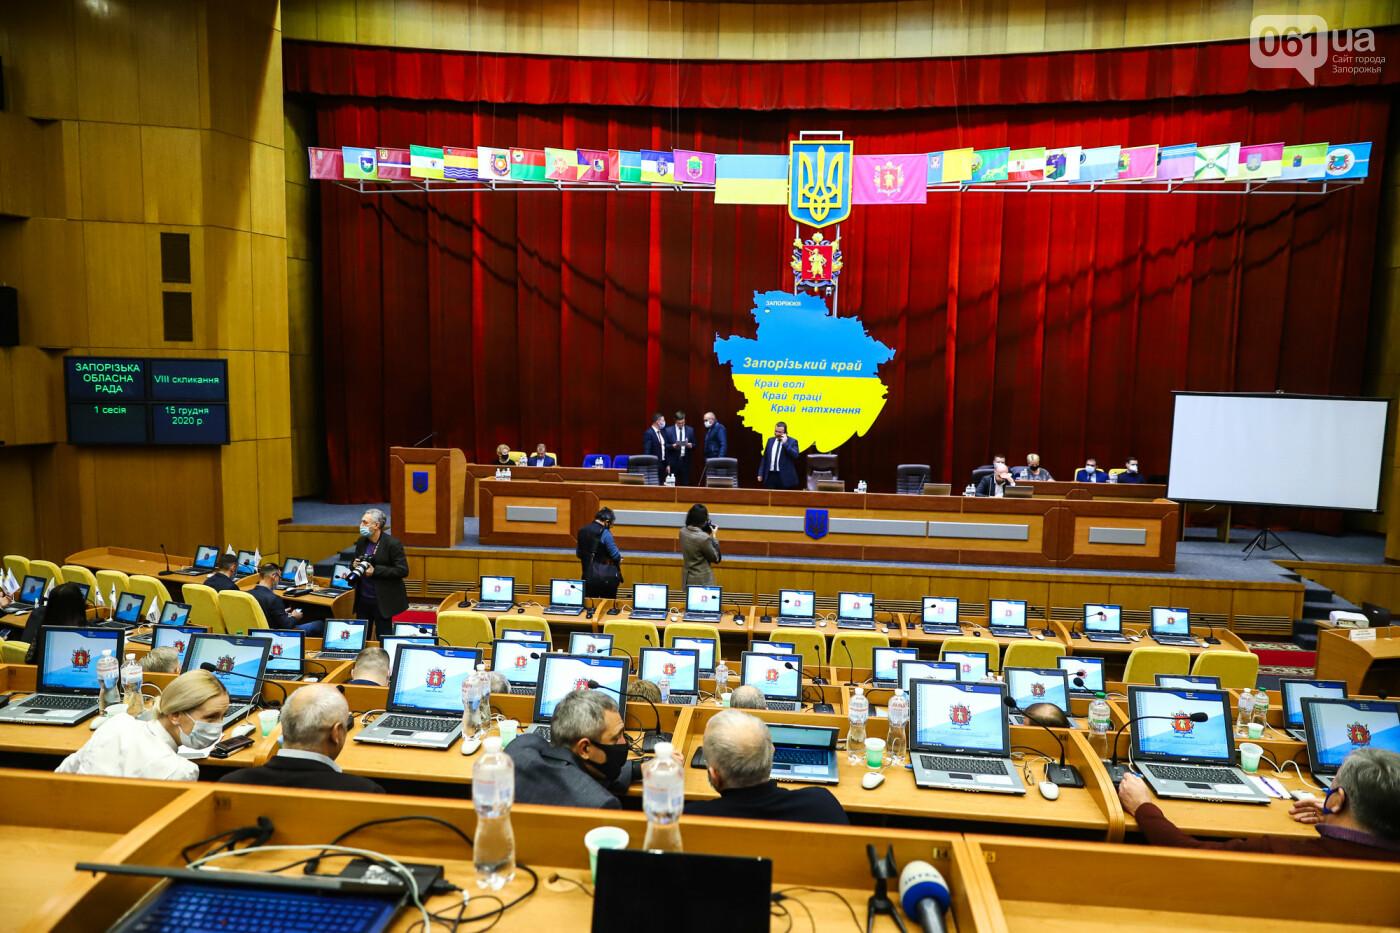 """Тайная """"сессия"""", сотни правоохранителей и стычки с активистами - что происходило в здании Запорожского облсовета, - ФОТО, ВИДЕО , фото-8"""